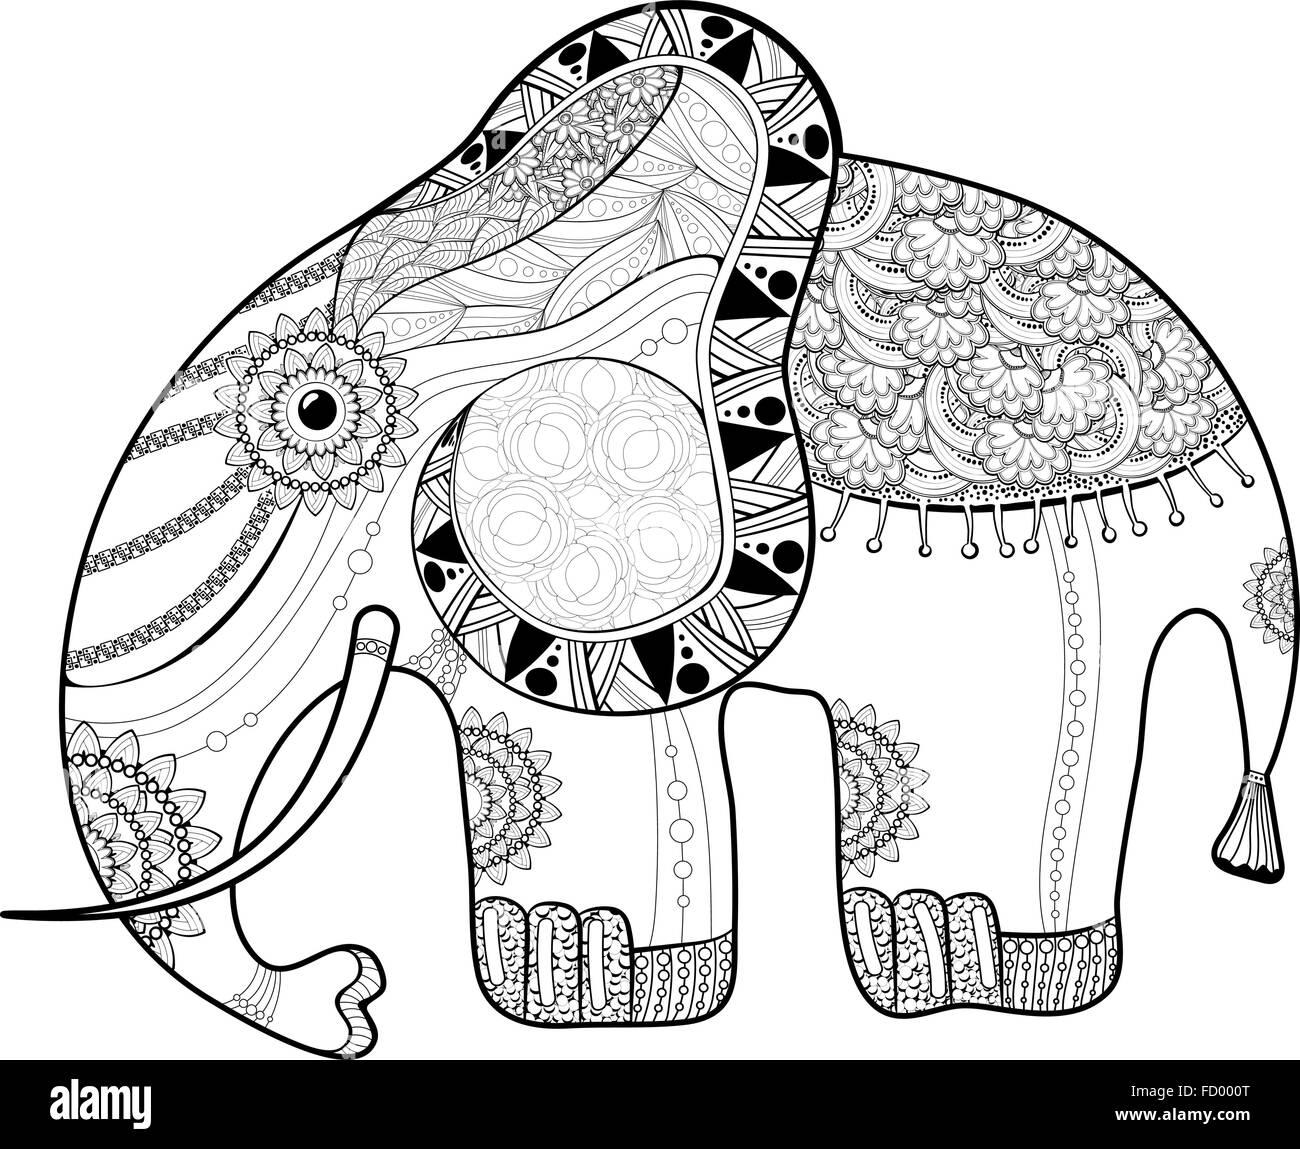 Gemütlich Anti Stress Malvorlagen Elefant Bilder ...